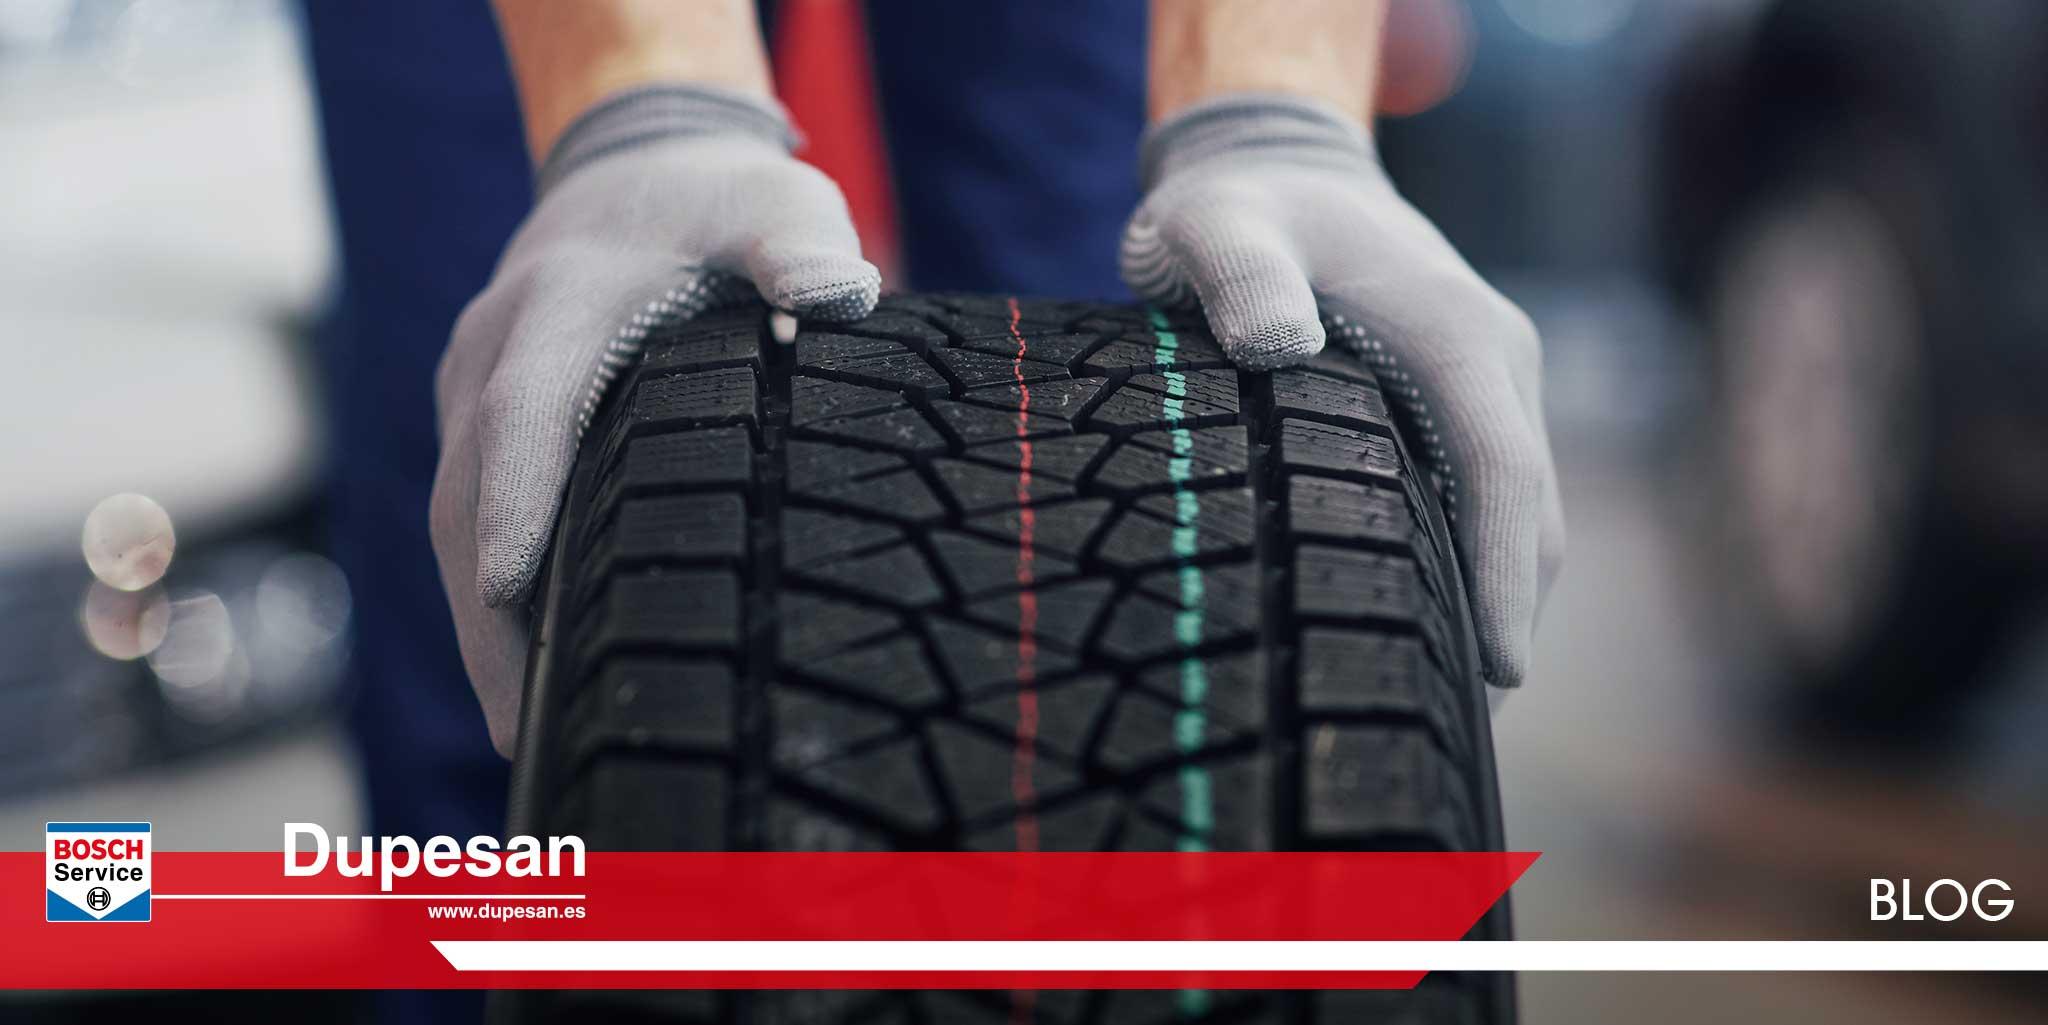 desgaste de los neumáticos del vehículo dupesan